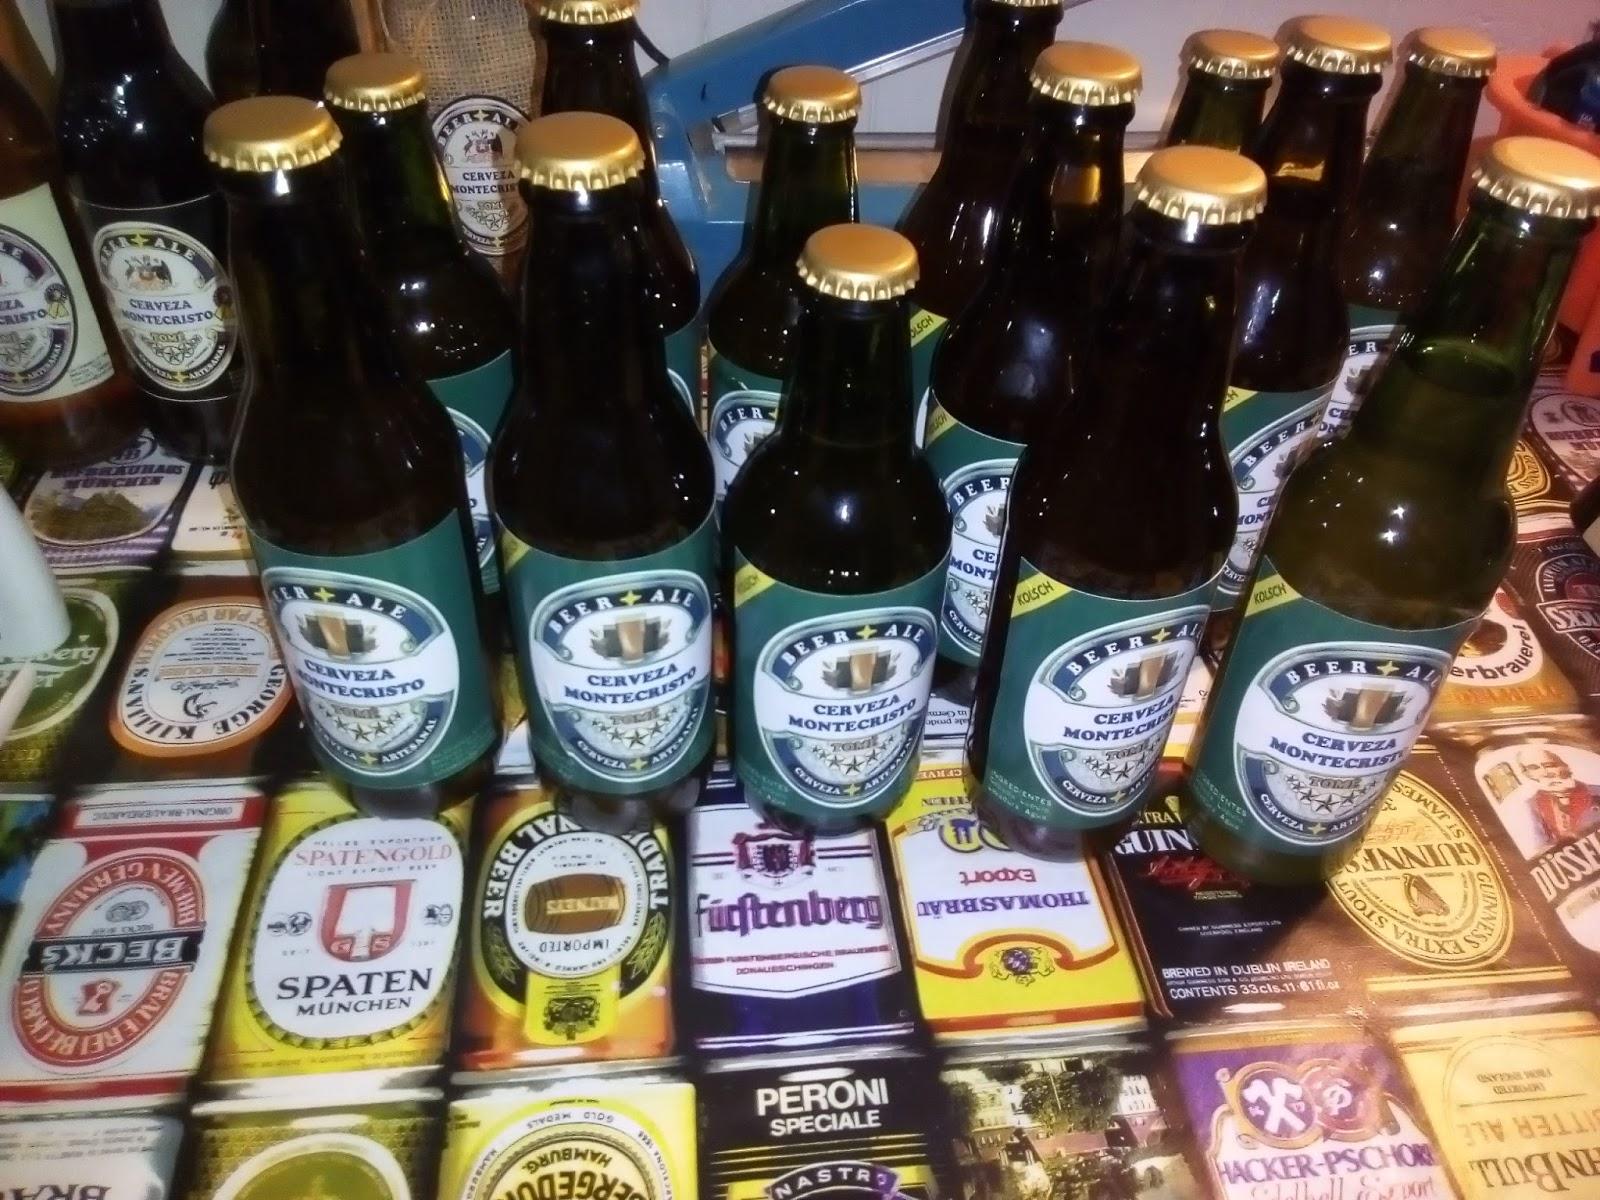 Insumos para cerveza artesanal birraekipos bolsa - Nevera para cerveza ...